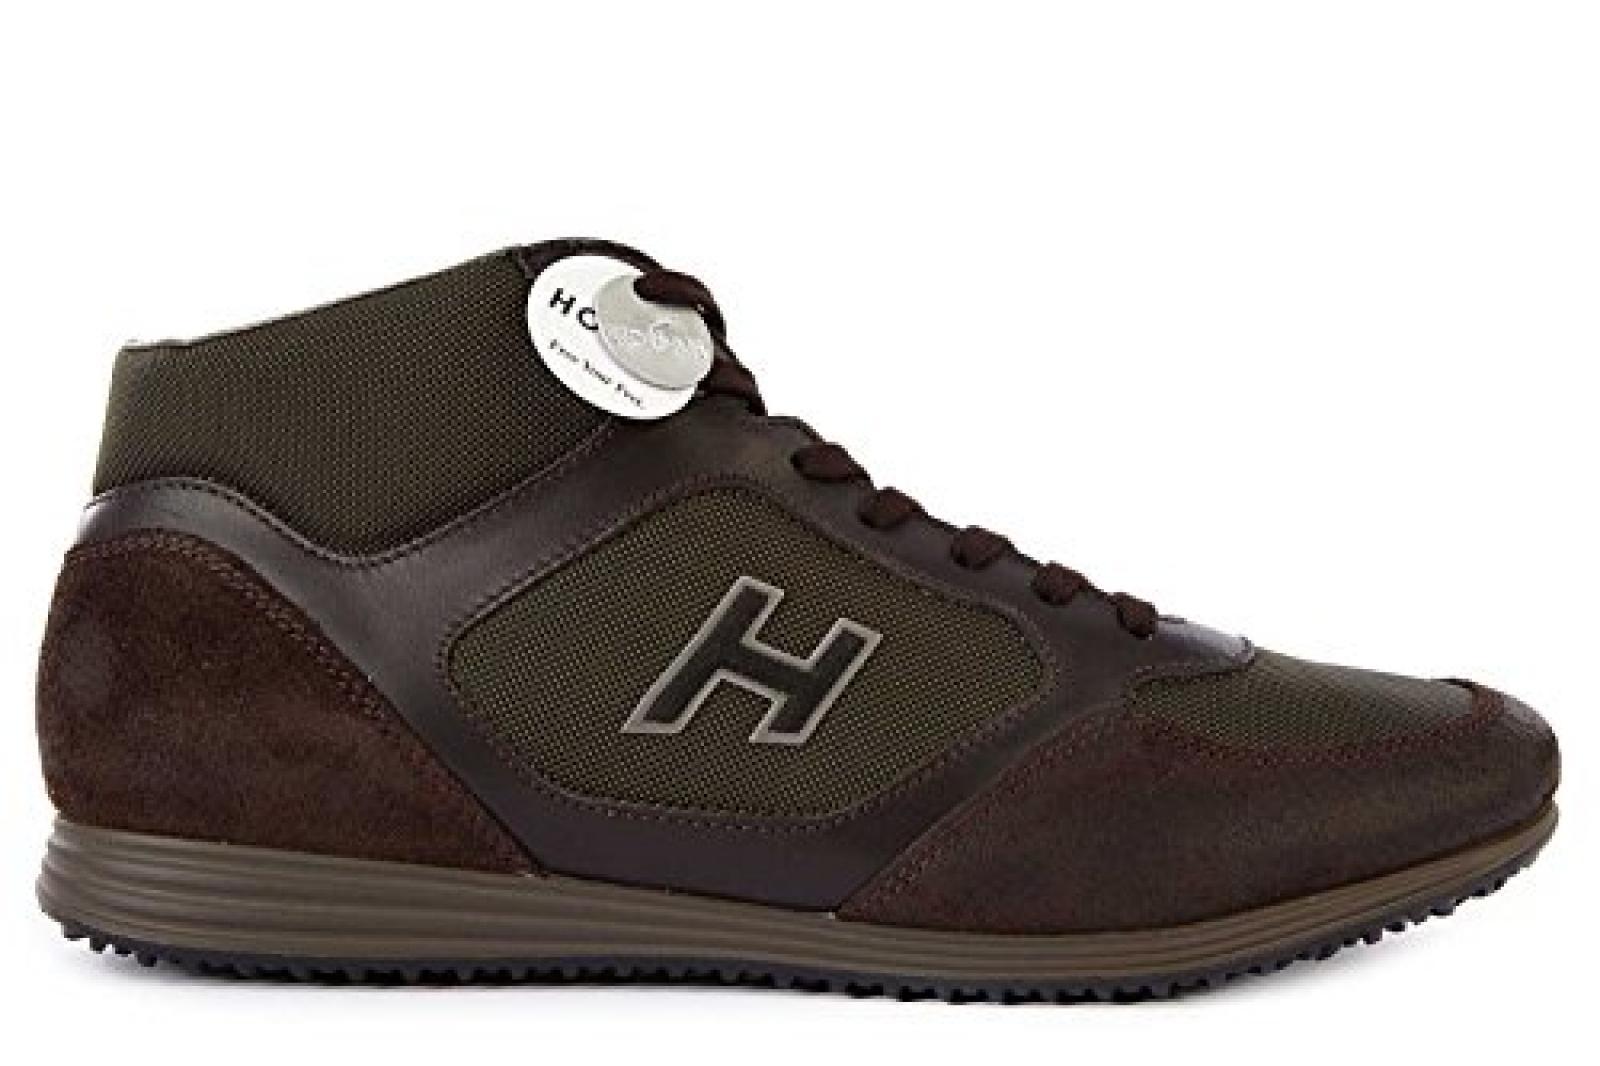 Hogan Herrenschuhe Herren Leder Schuhe Sneakers h205 olympia Braun